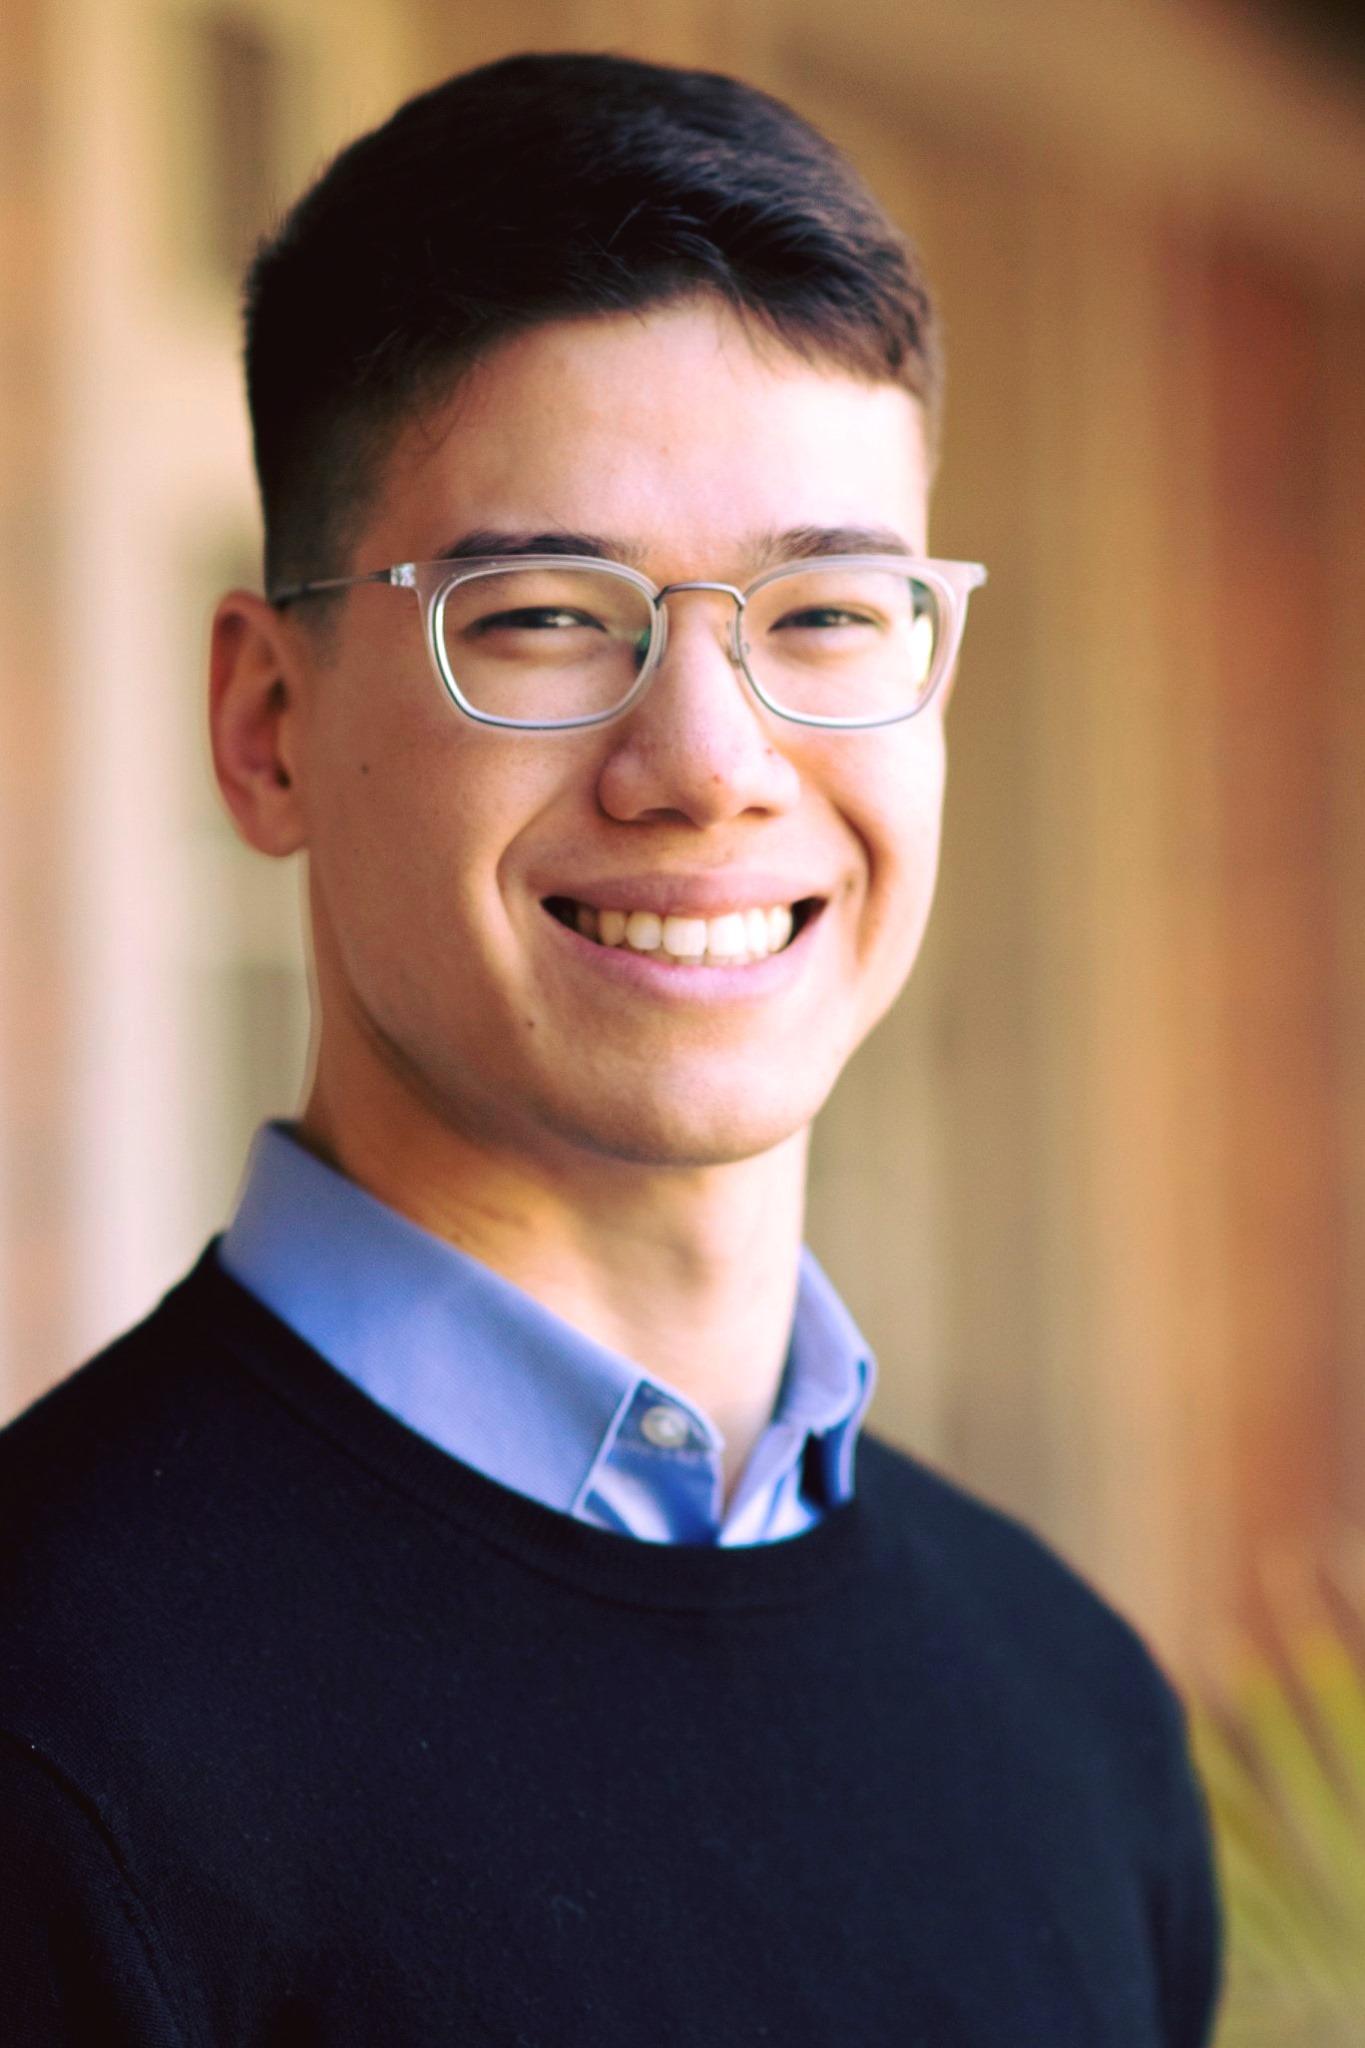 Rey Pocius - Director of Evangelization